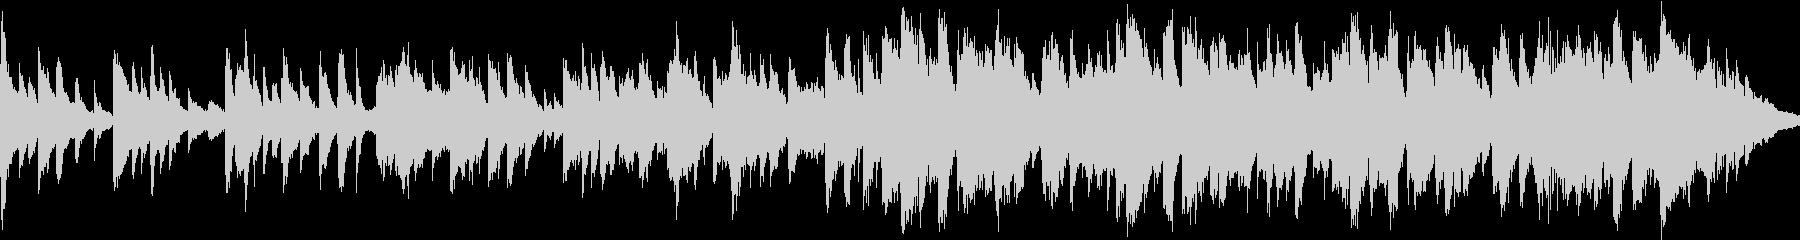 二胡と琴、ピアノの切ないBGM_ループの未再生の波形